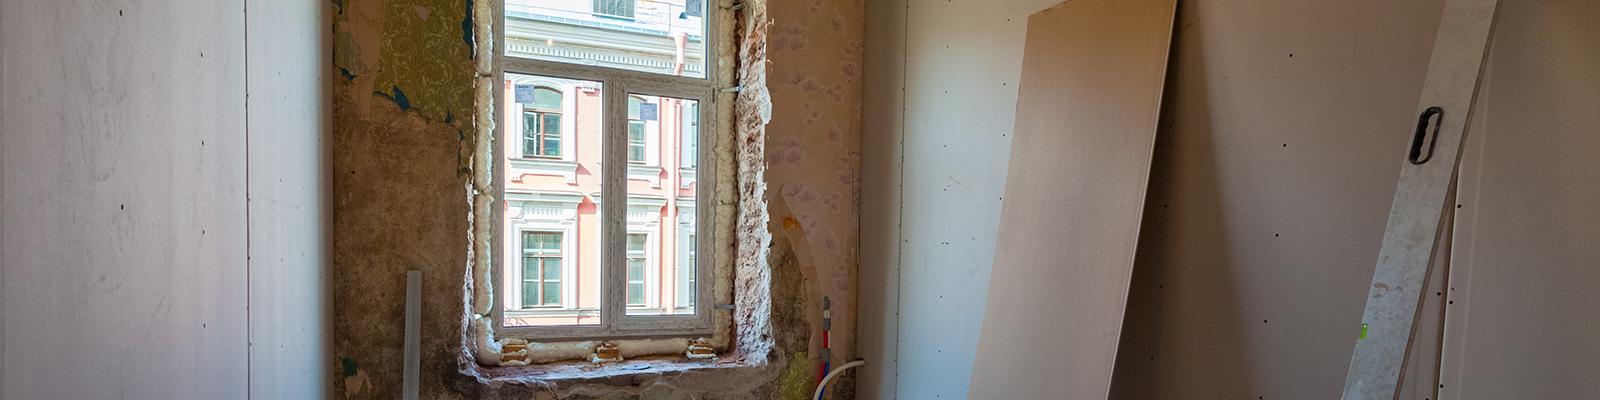 Le dépannage vitre cassée à Bagneux